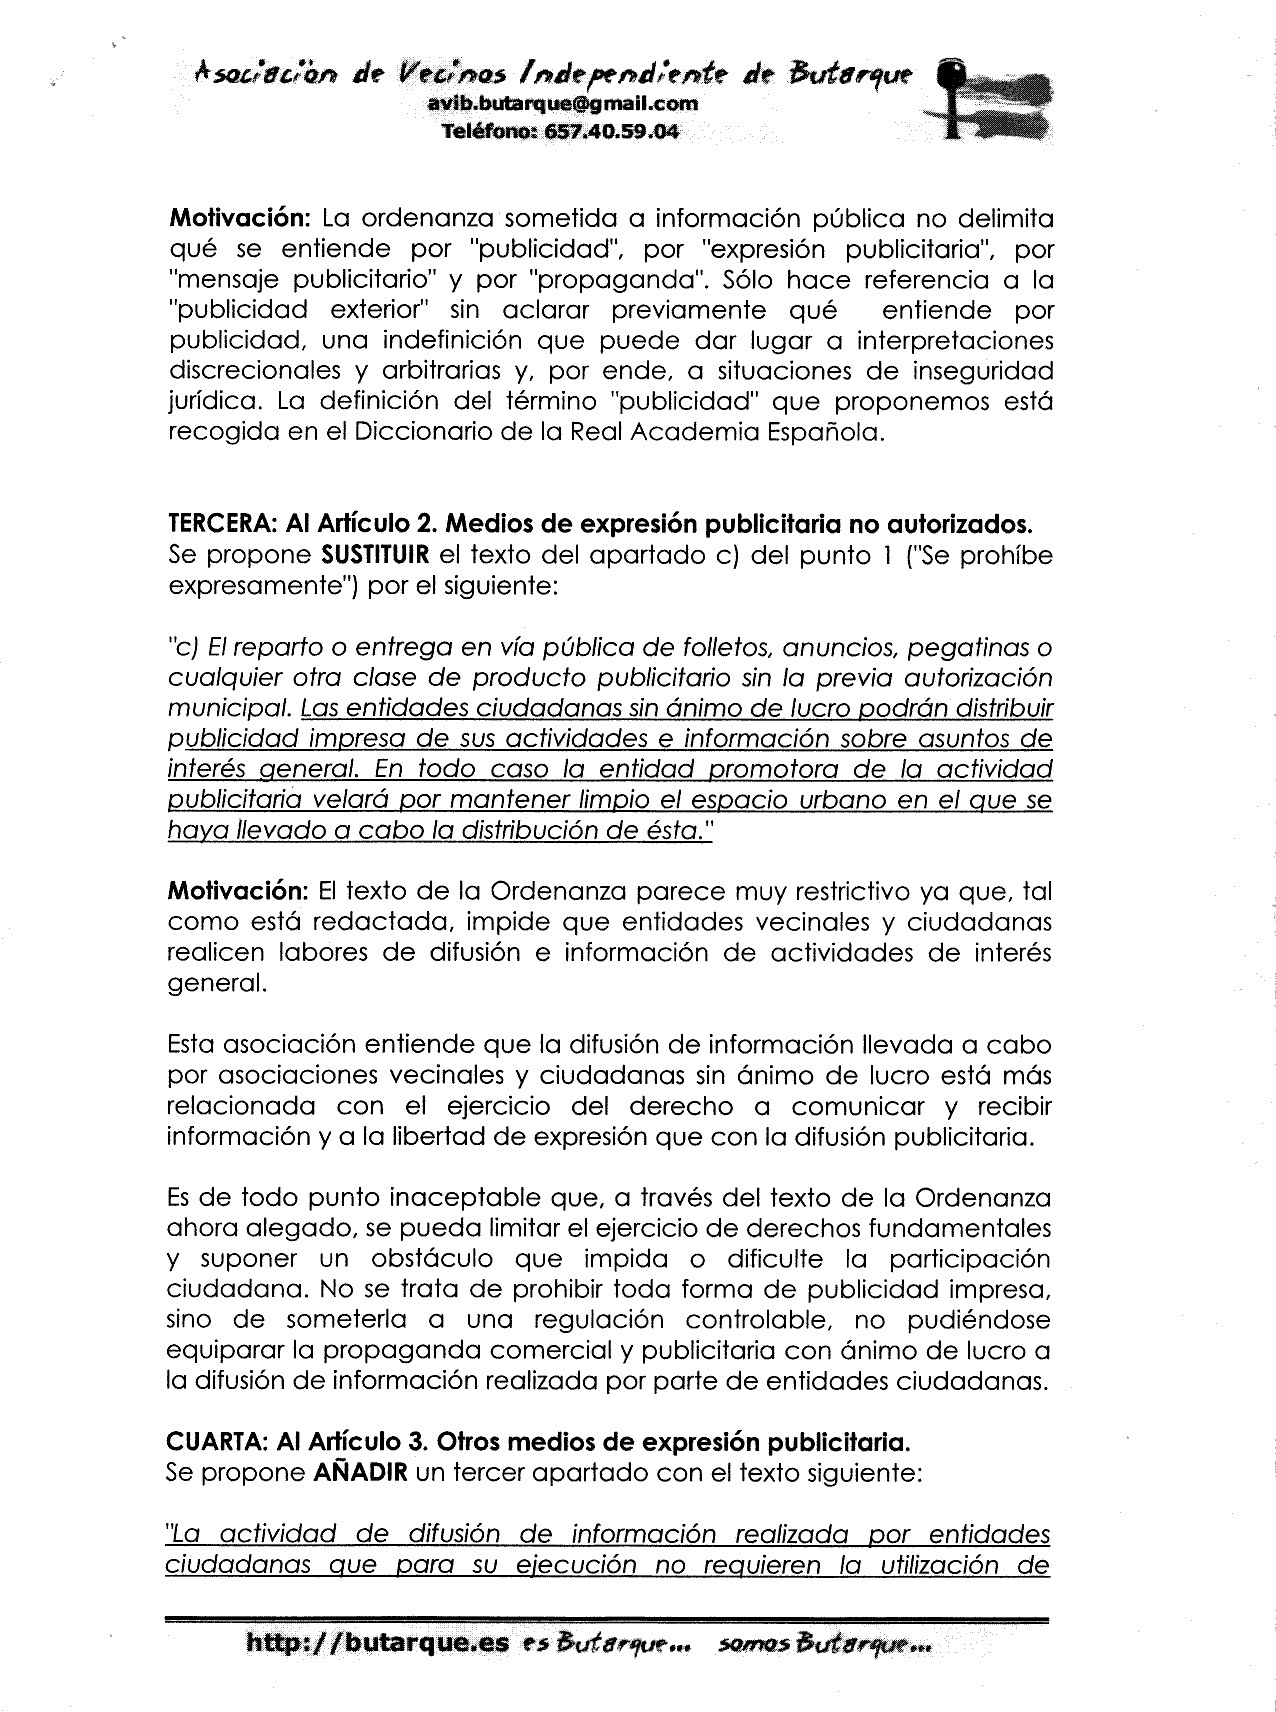 Alegaciones_ordenanza_publicidad_en_lugares_publicos-4.jpg